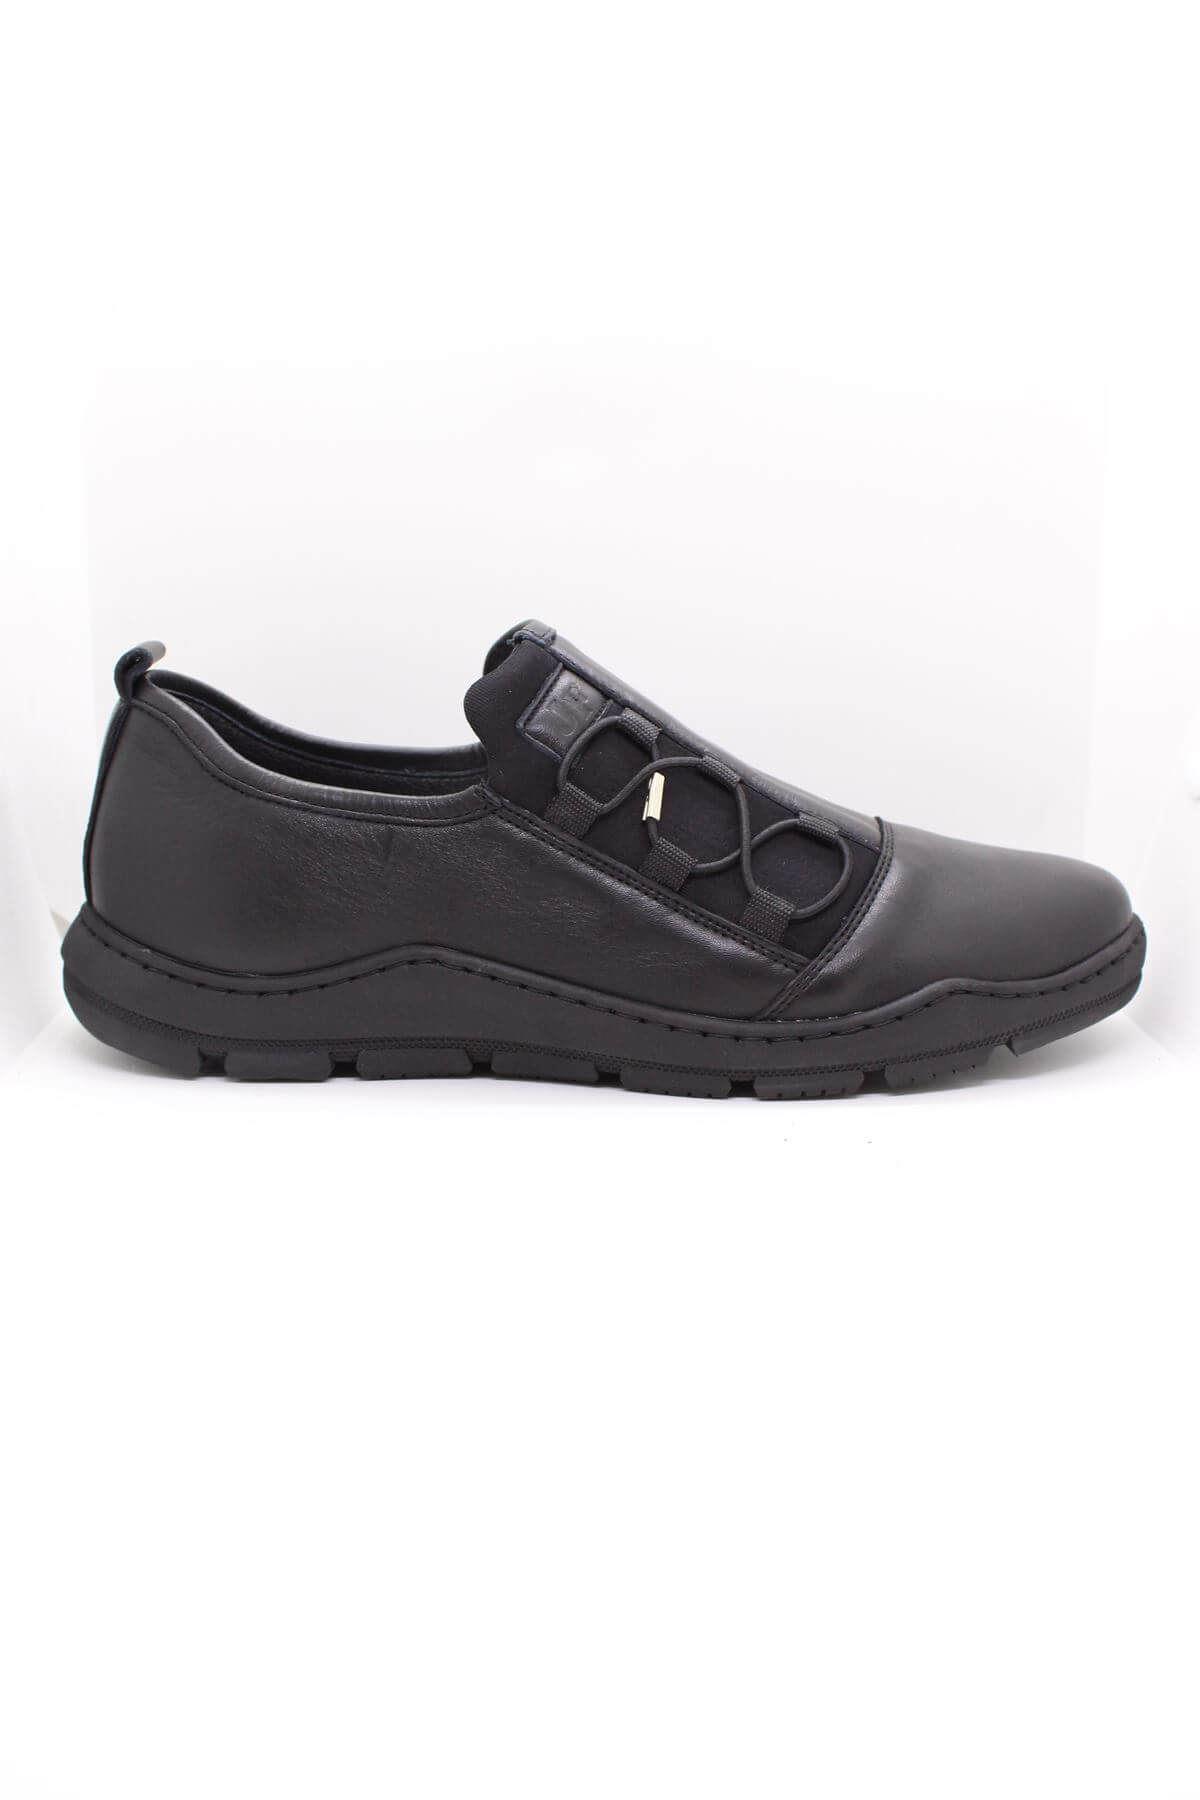 James Franco 5027 Siyah Streç Hakiki Deri Casual Ayakkabı